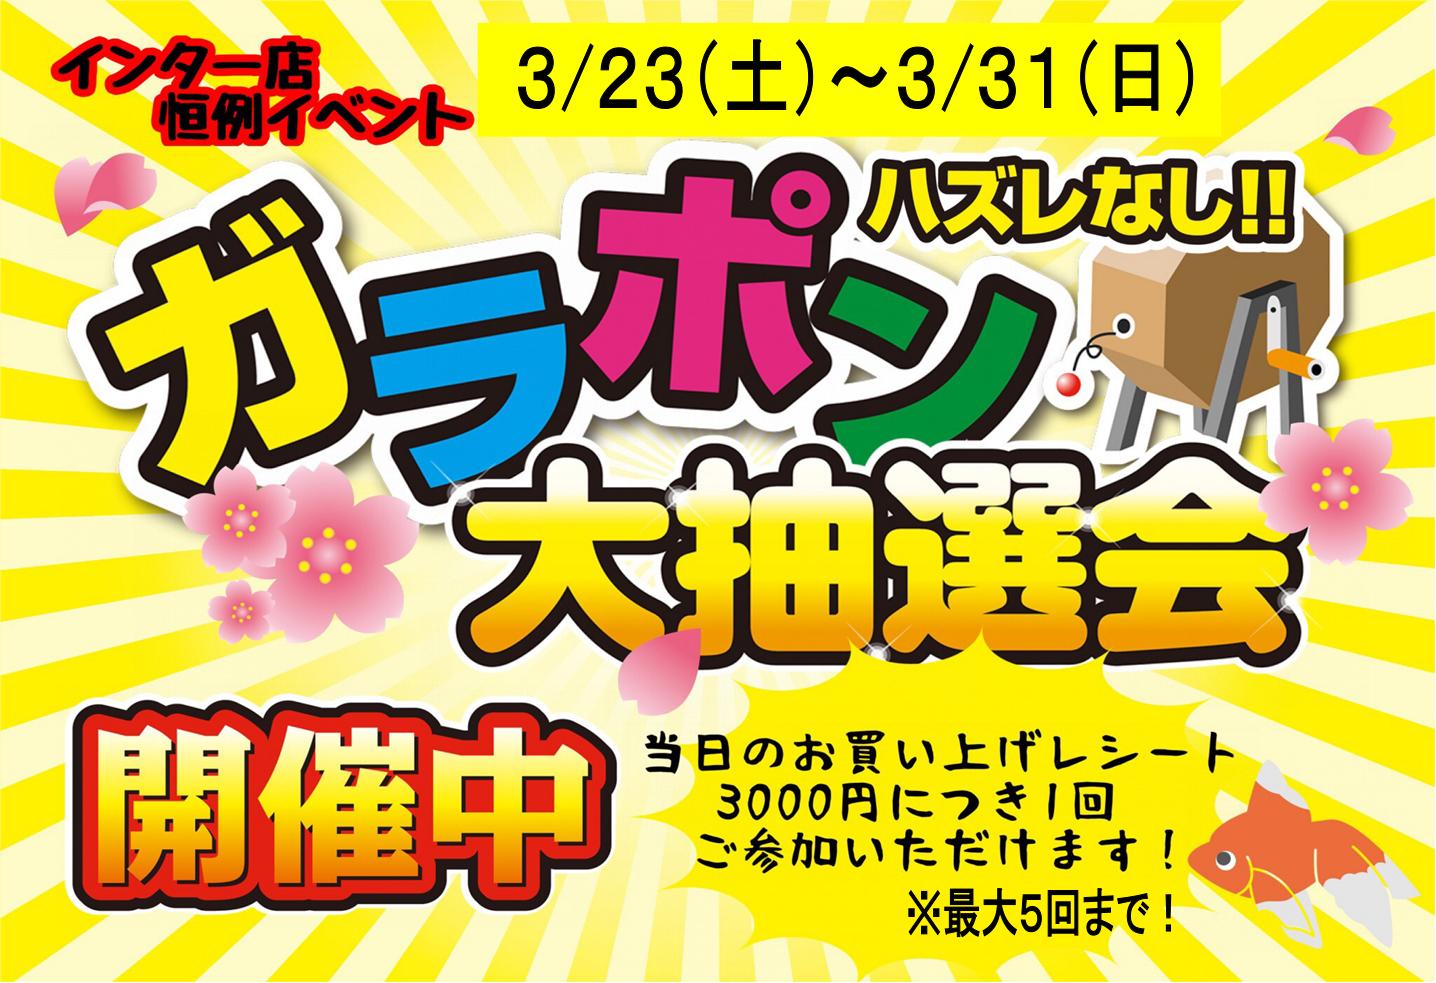 【インター小動物】創業祭!!ガラポンでフィーバー!!!